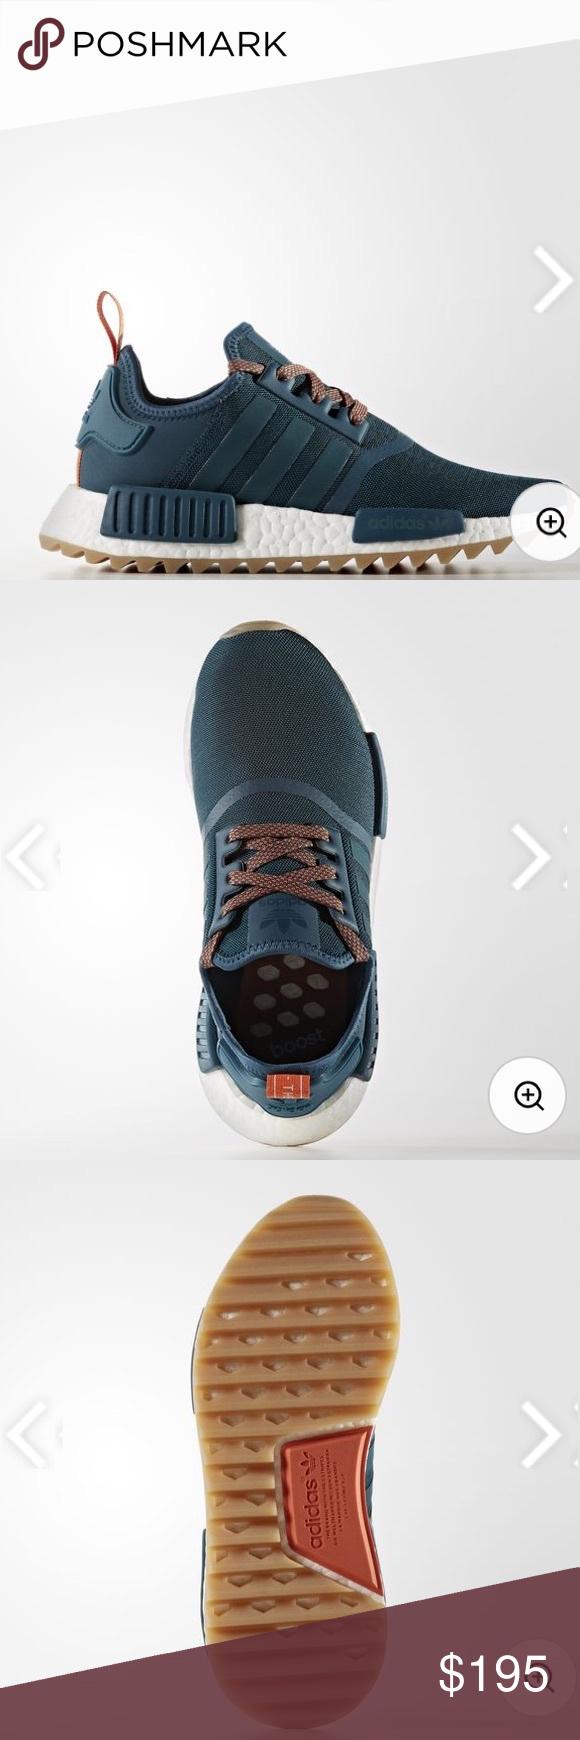 8dd1df8544de3 175 NWB Adidas NMD R1 Women s Trail Shoes 8 Women s adidas NMD trail shoes.  Color